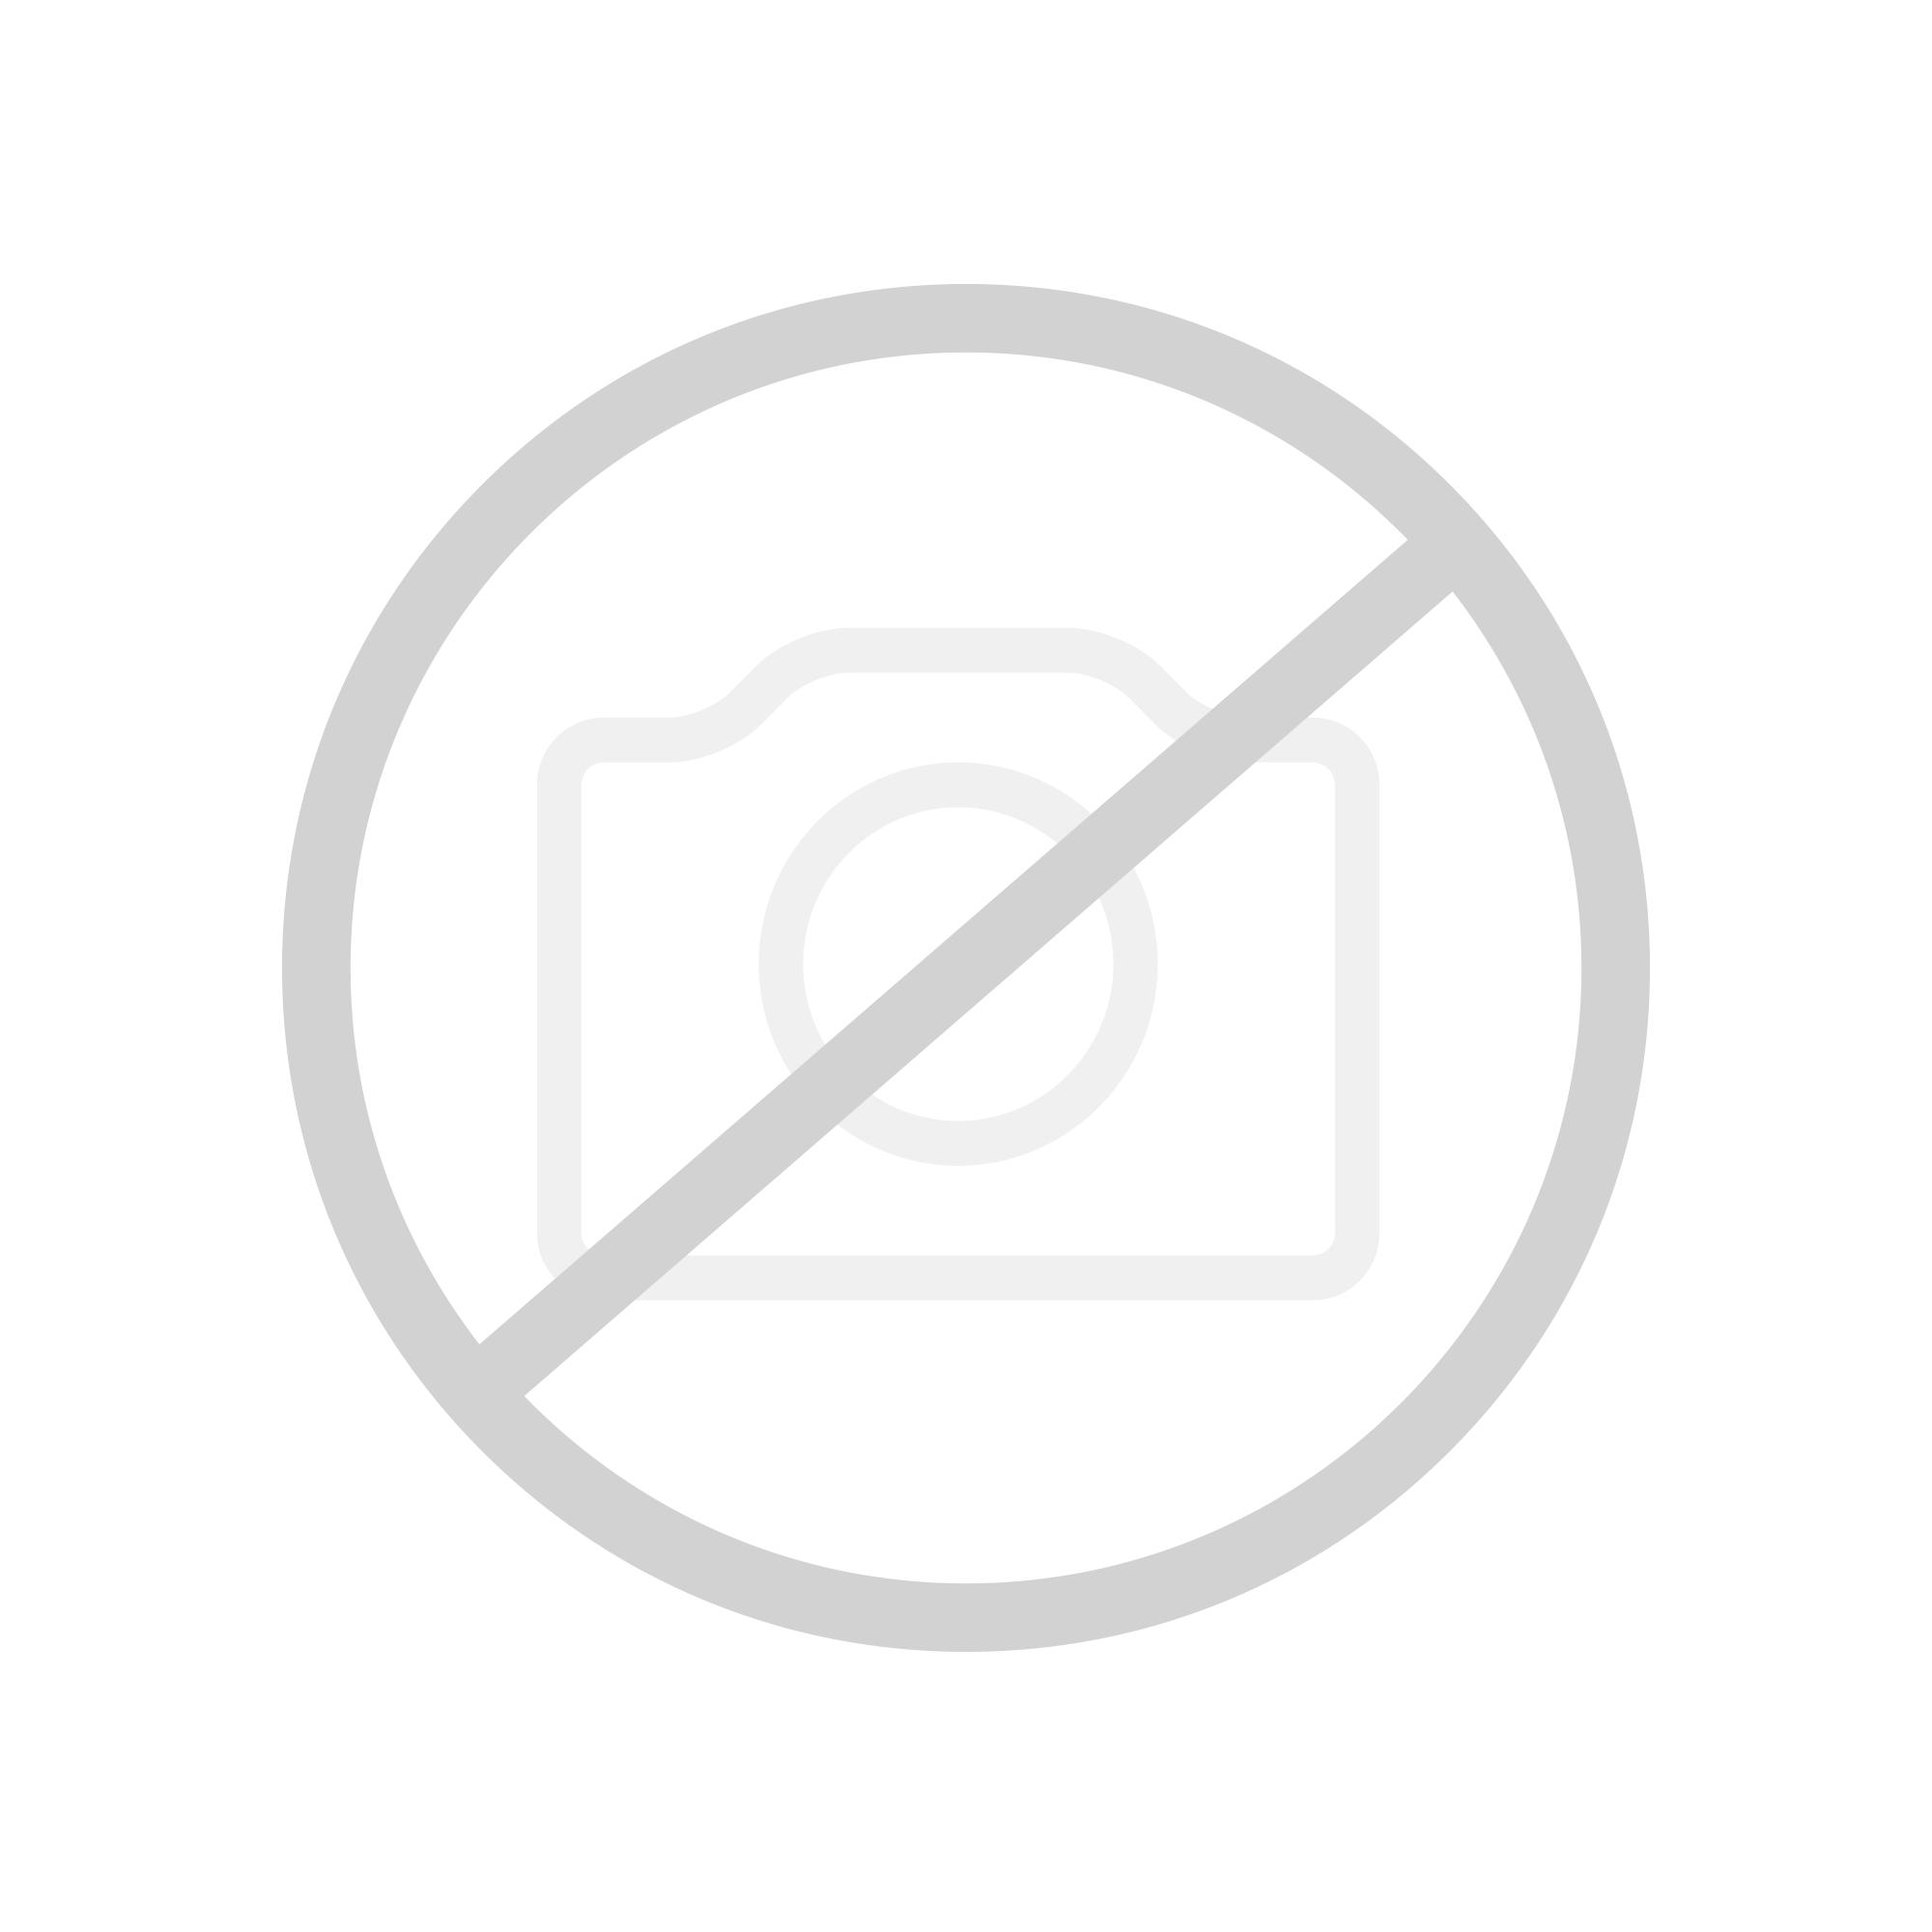 LCD 1155 Stehleuchte